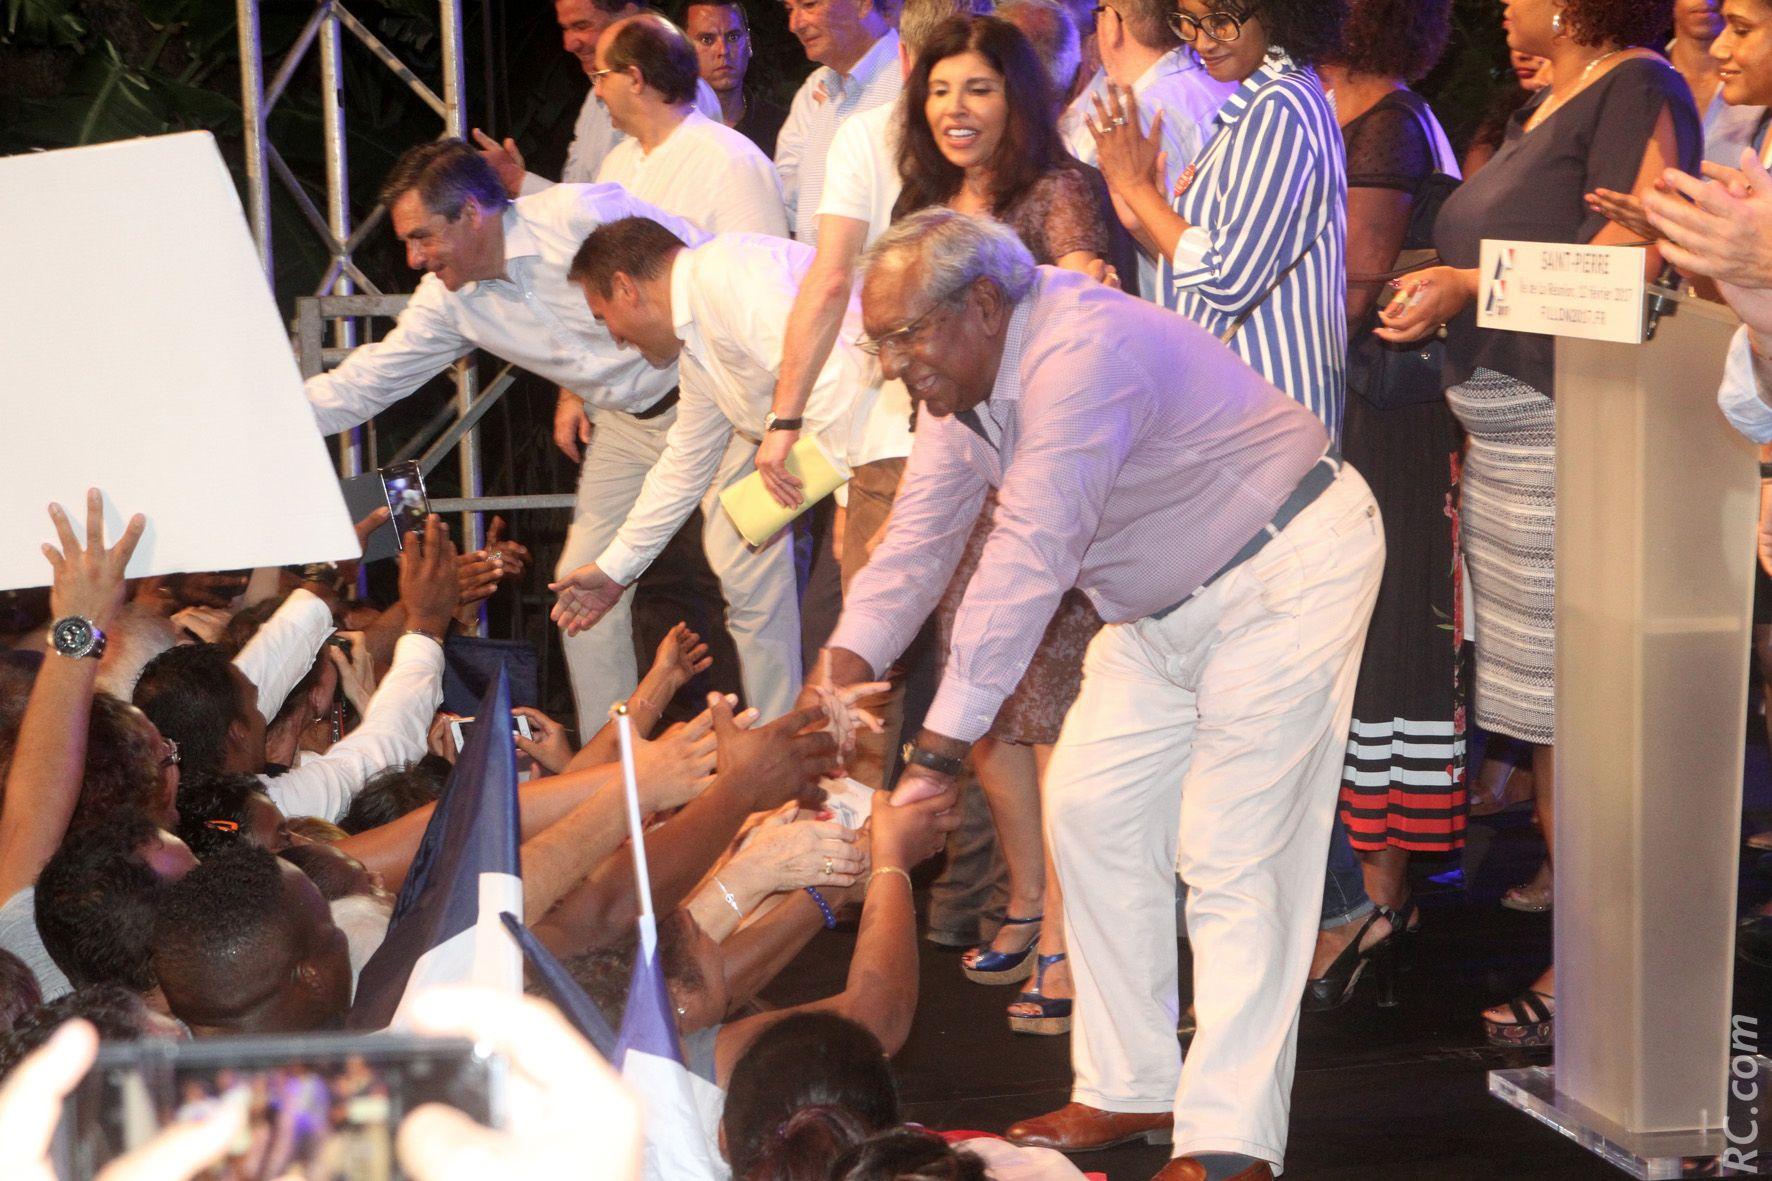 Jean-Paul Virapoullé et ses fans